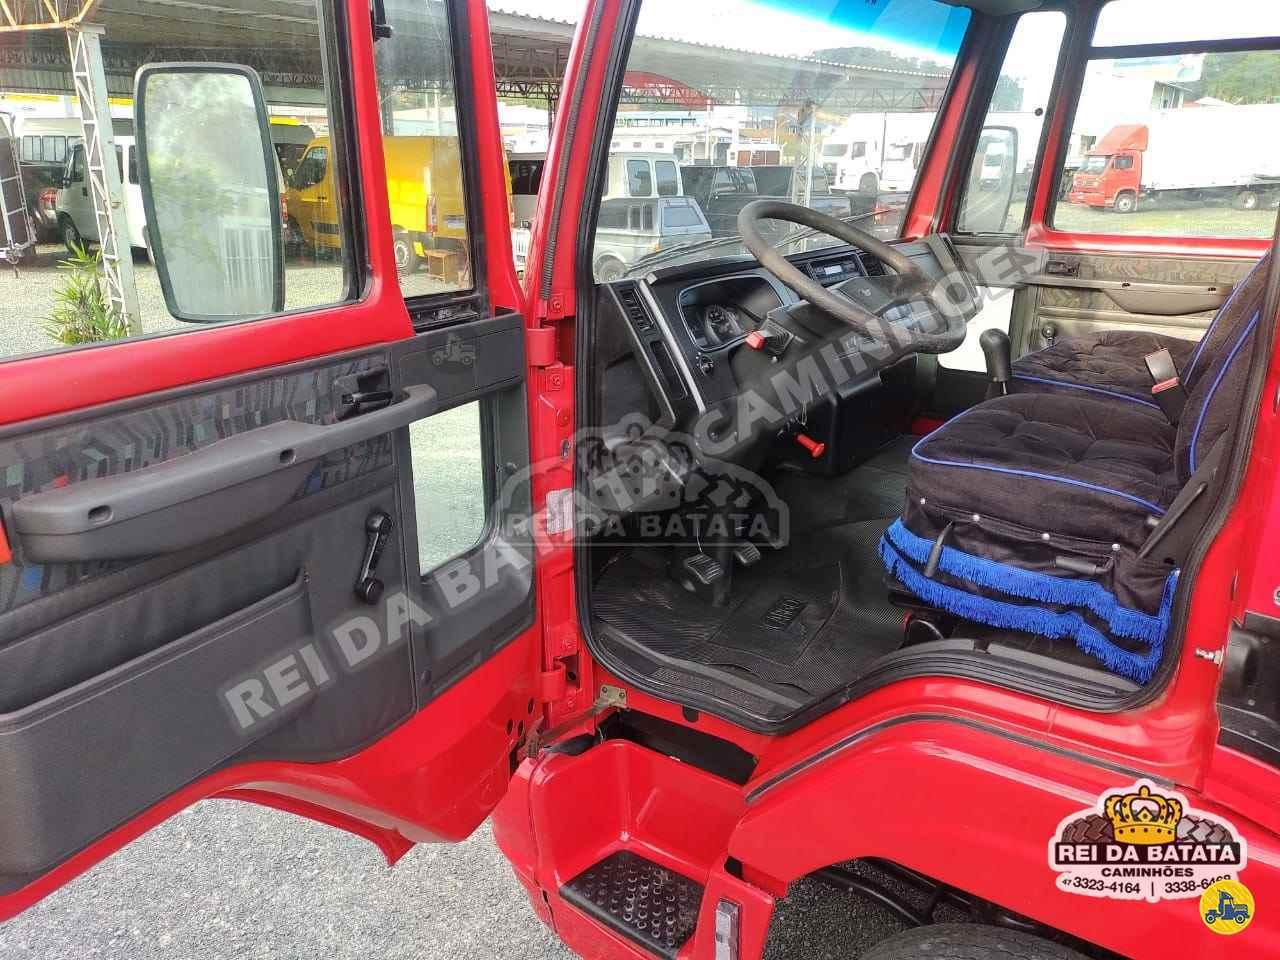 FORD CARGO 816 179000km 2013/2013 Rei da Batata Caminhões